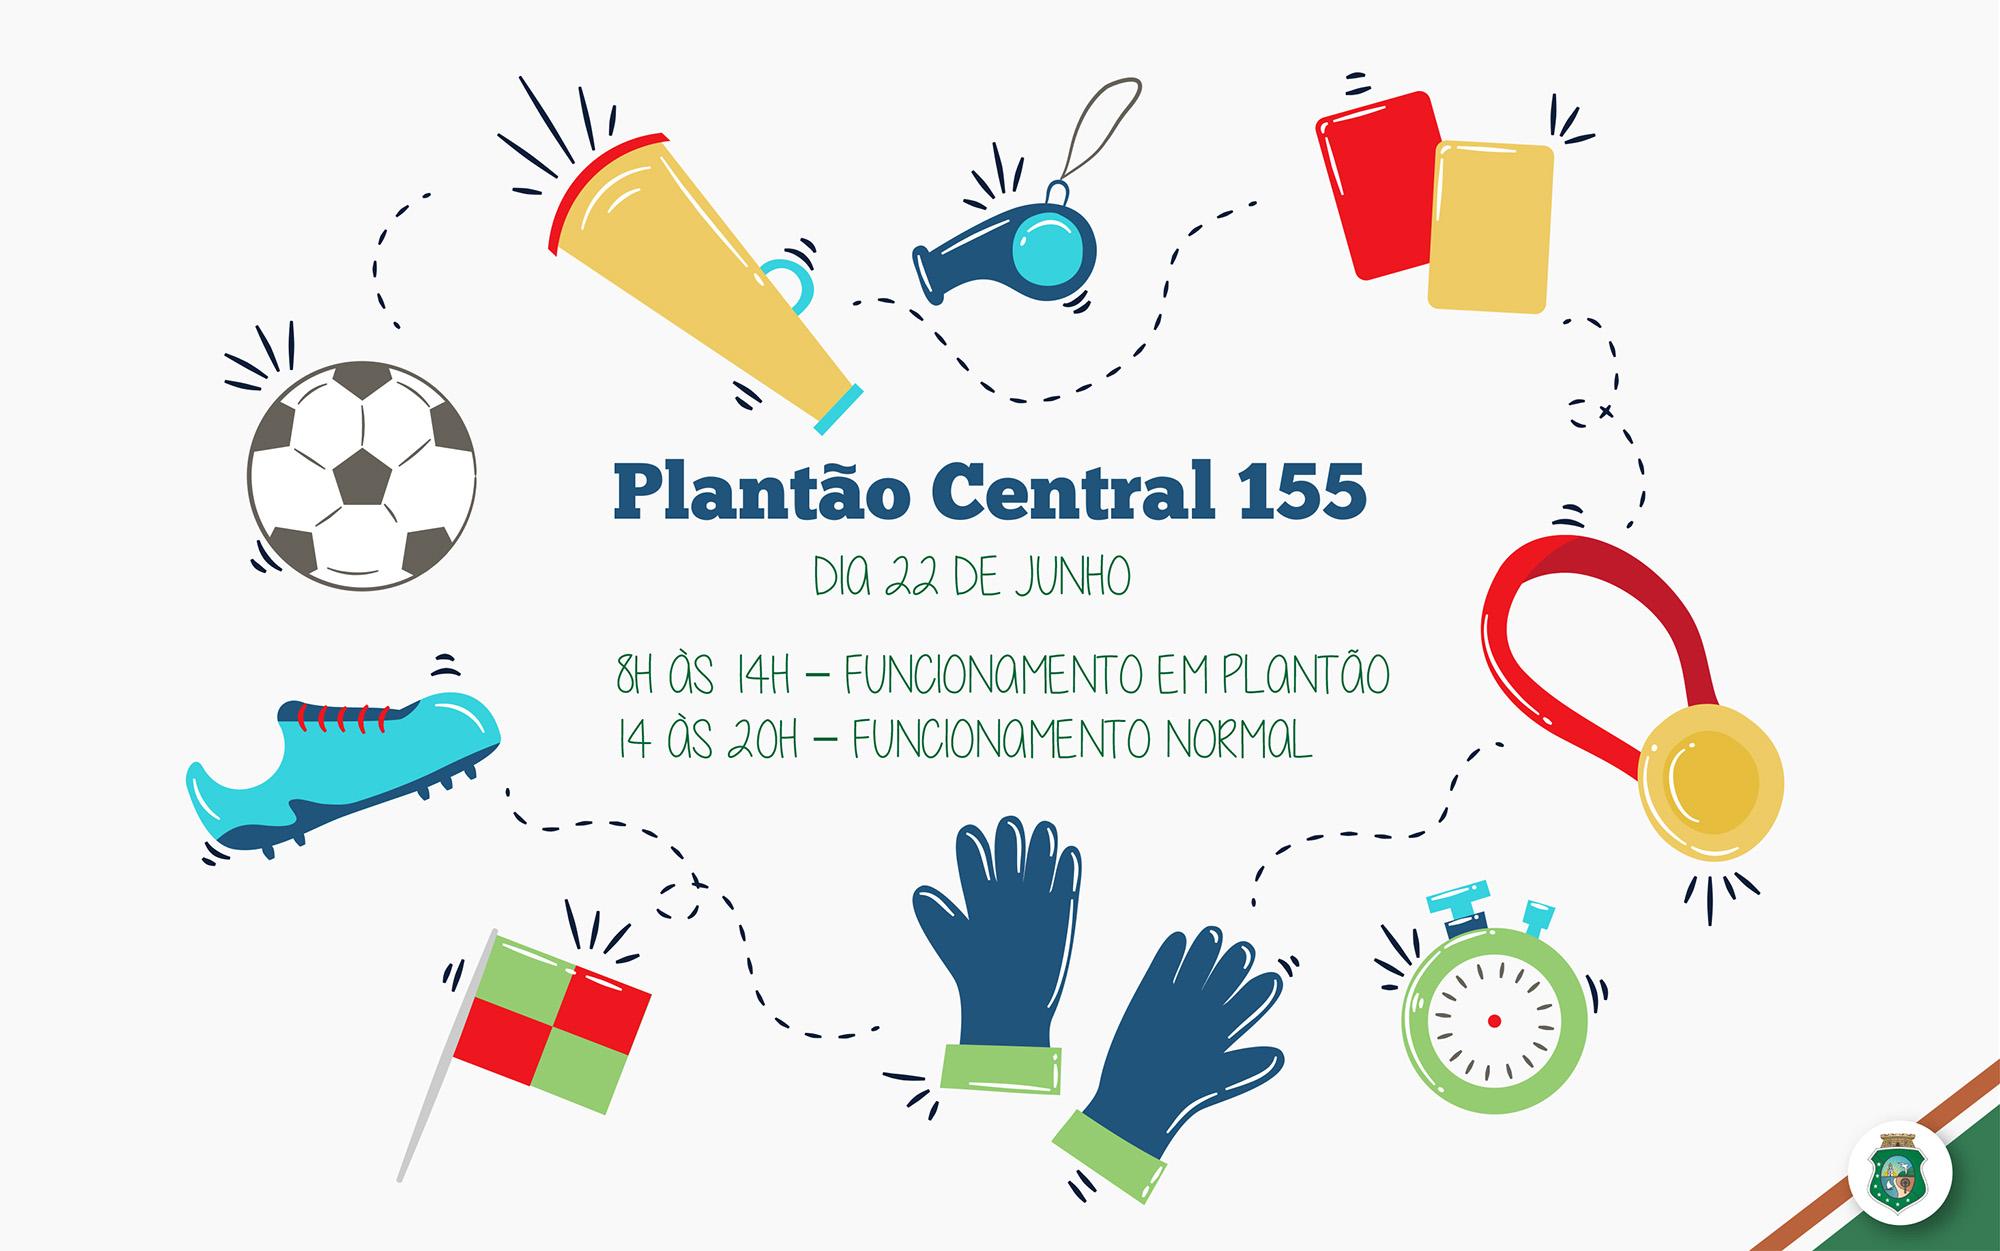 Central 155 funciona em regime de plantão durante jogos da seleção brasileira